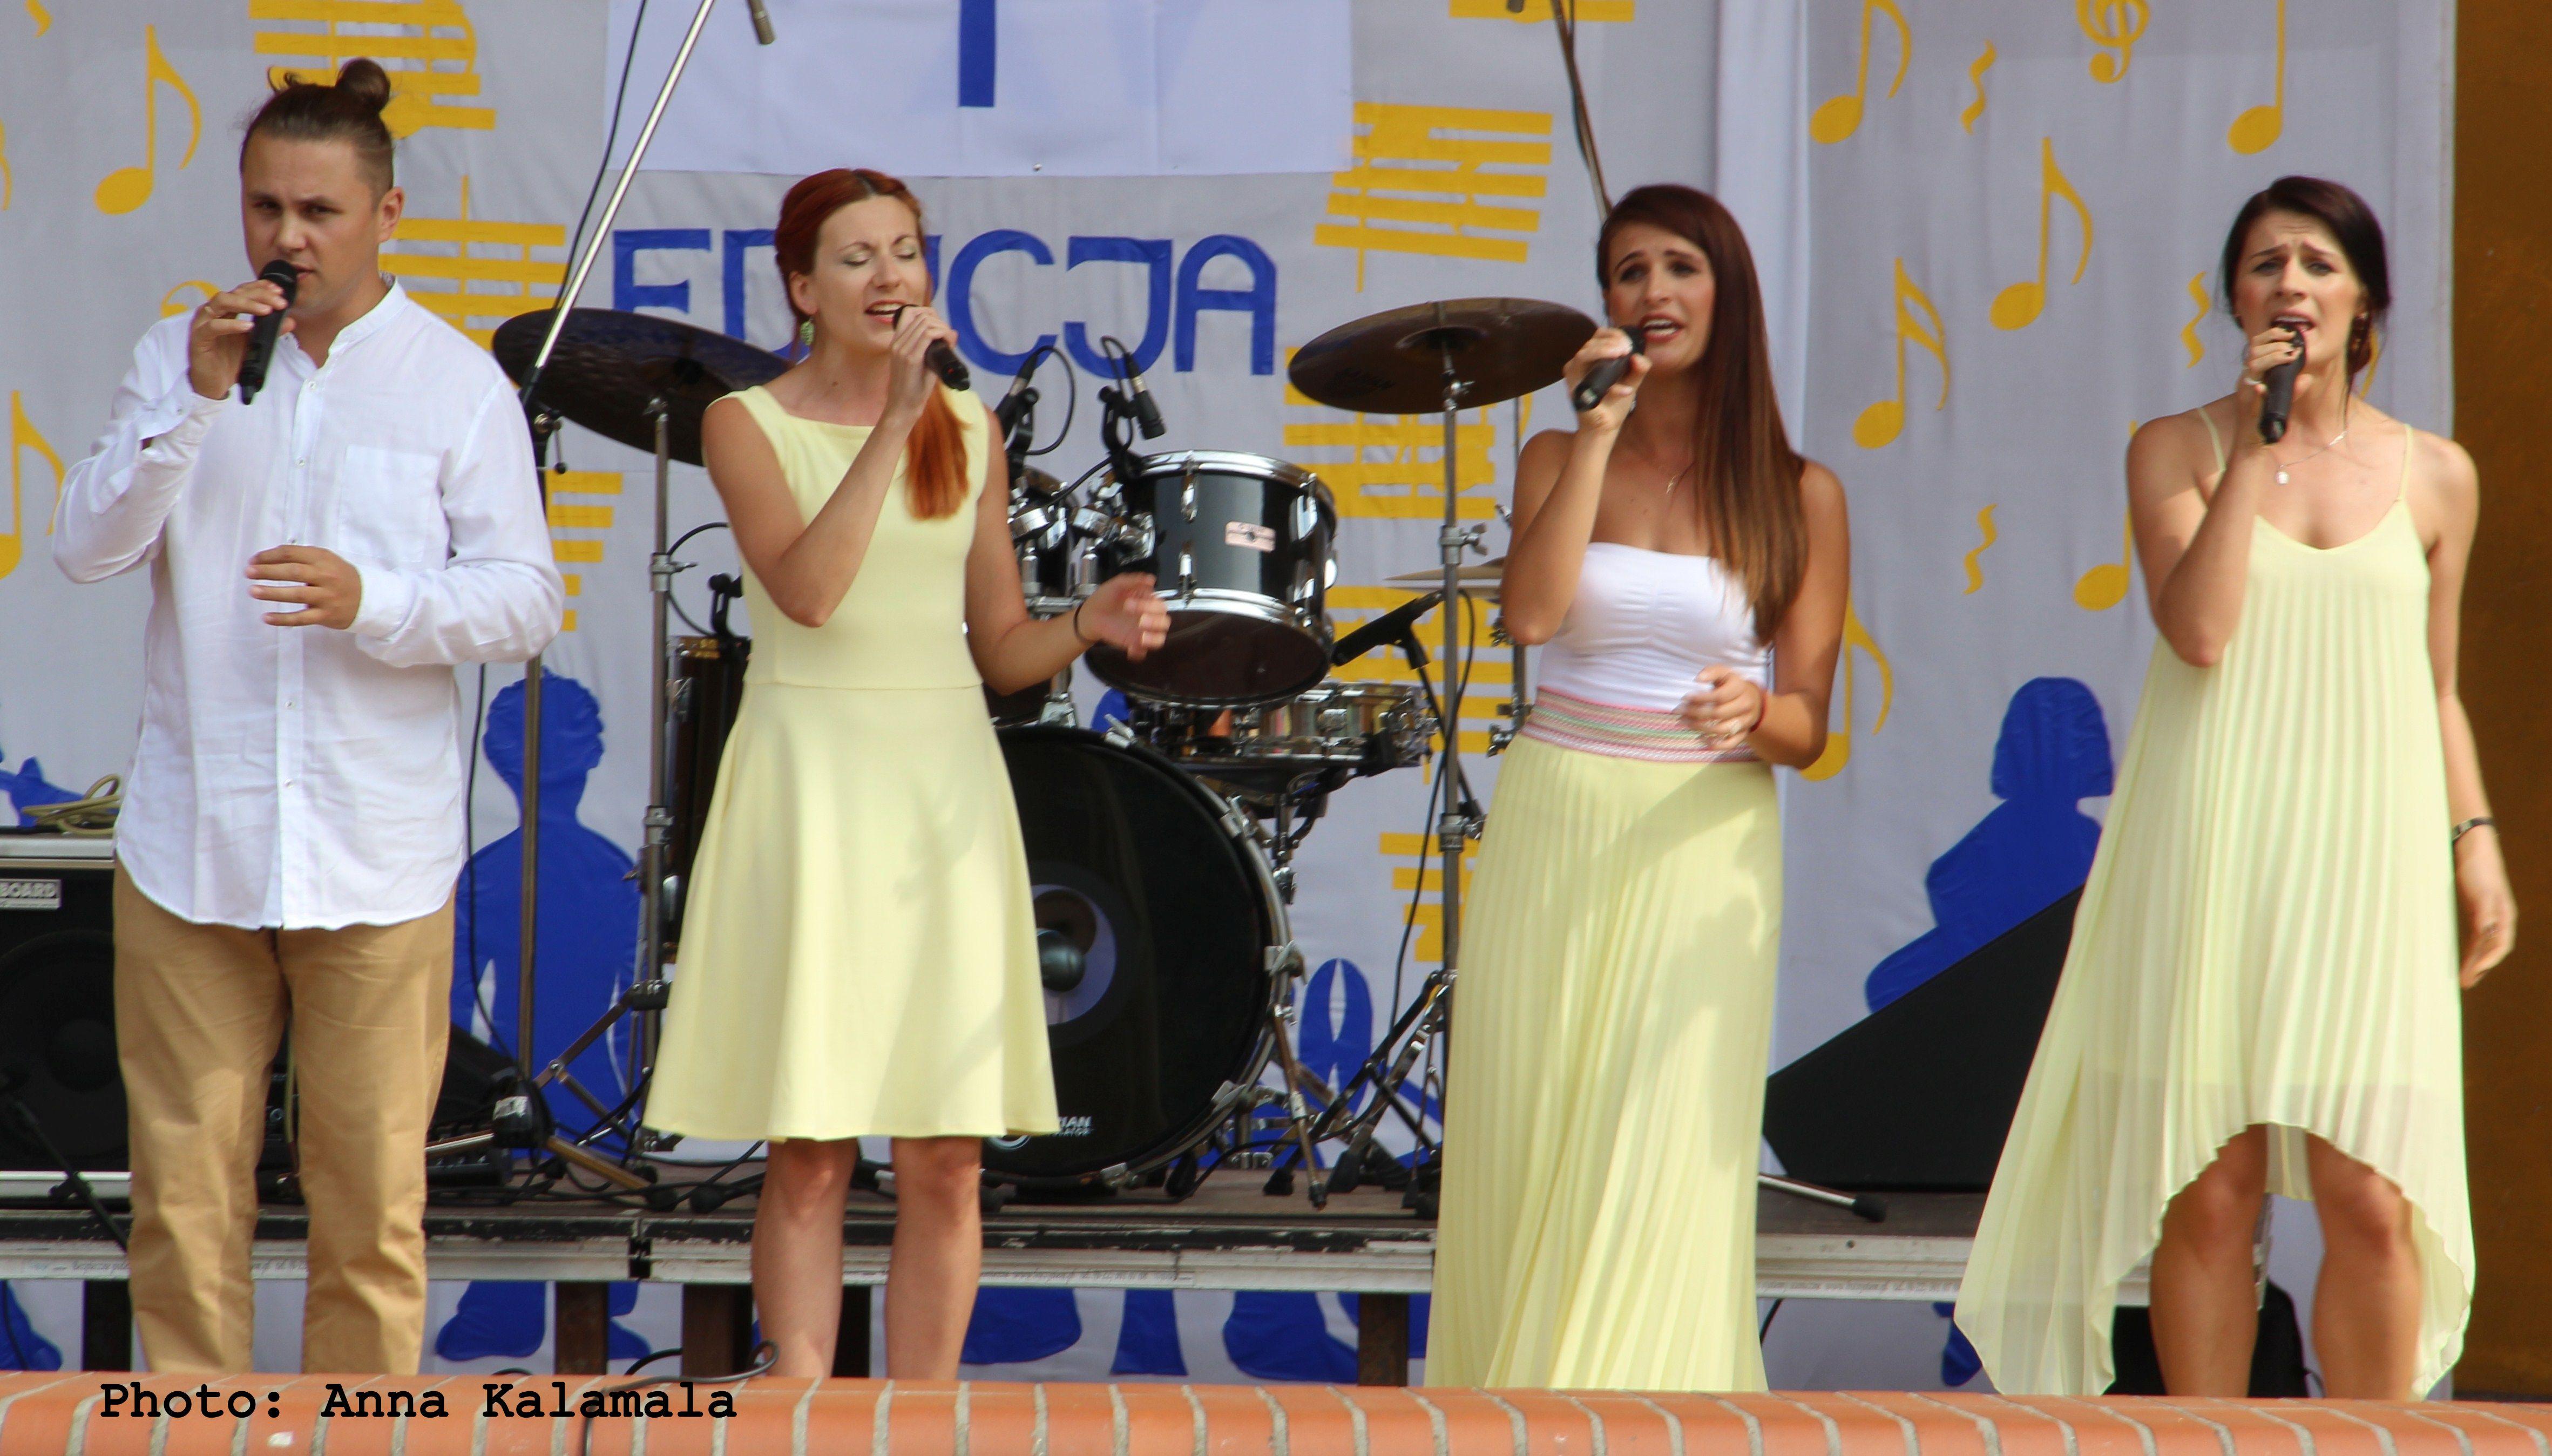 Turniej - Solosters (Kraków) (21)